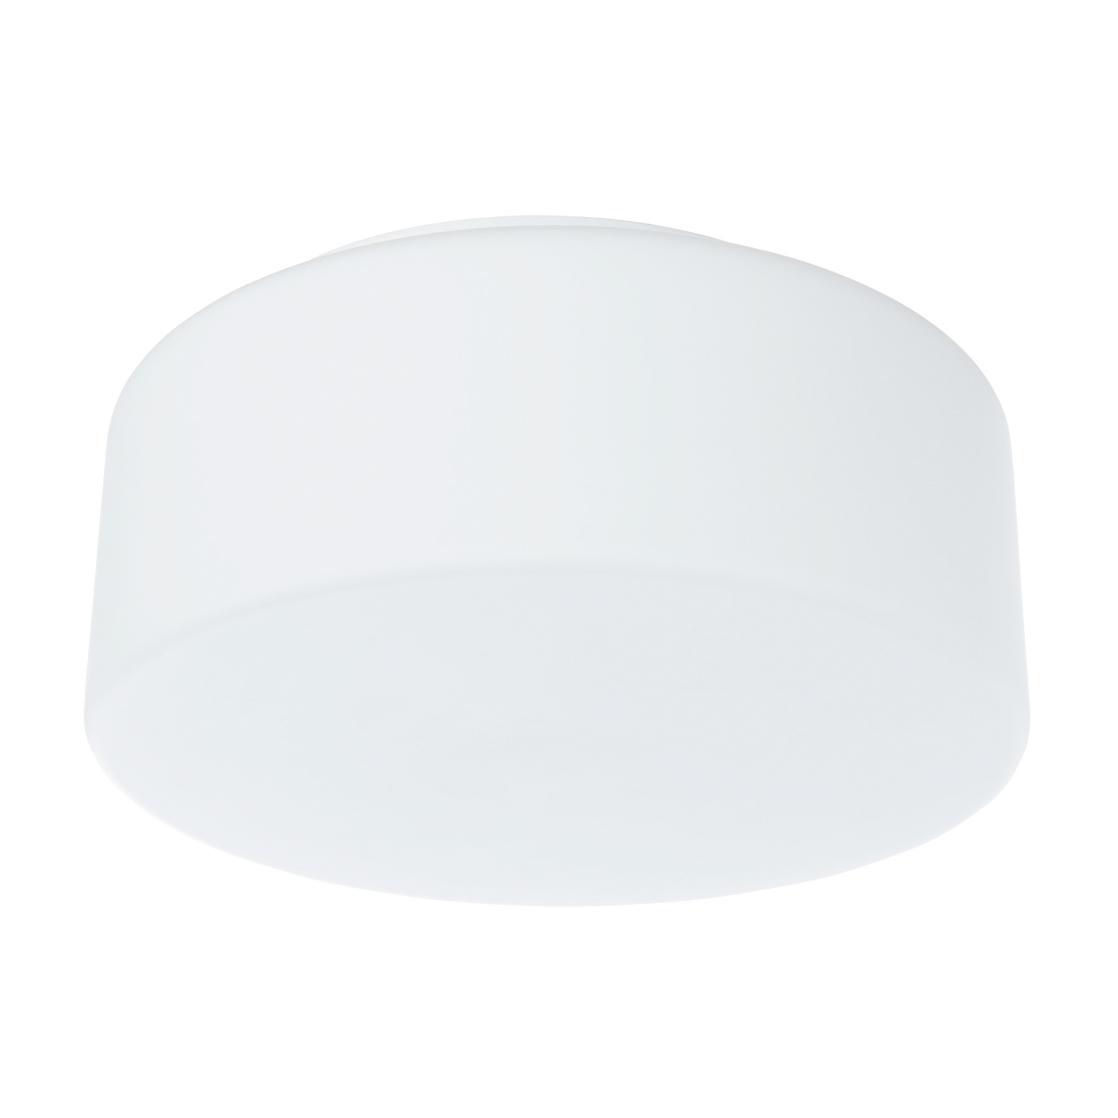 Потолочный светильник ARTELamp Tablet (A7725PL-1WH) светильник потолочный artelamp a2321pl 1wh